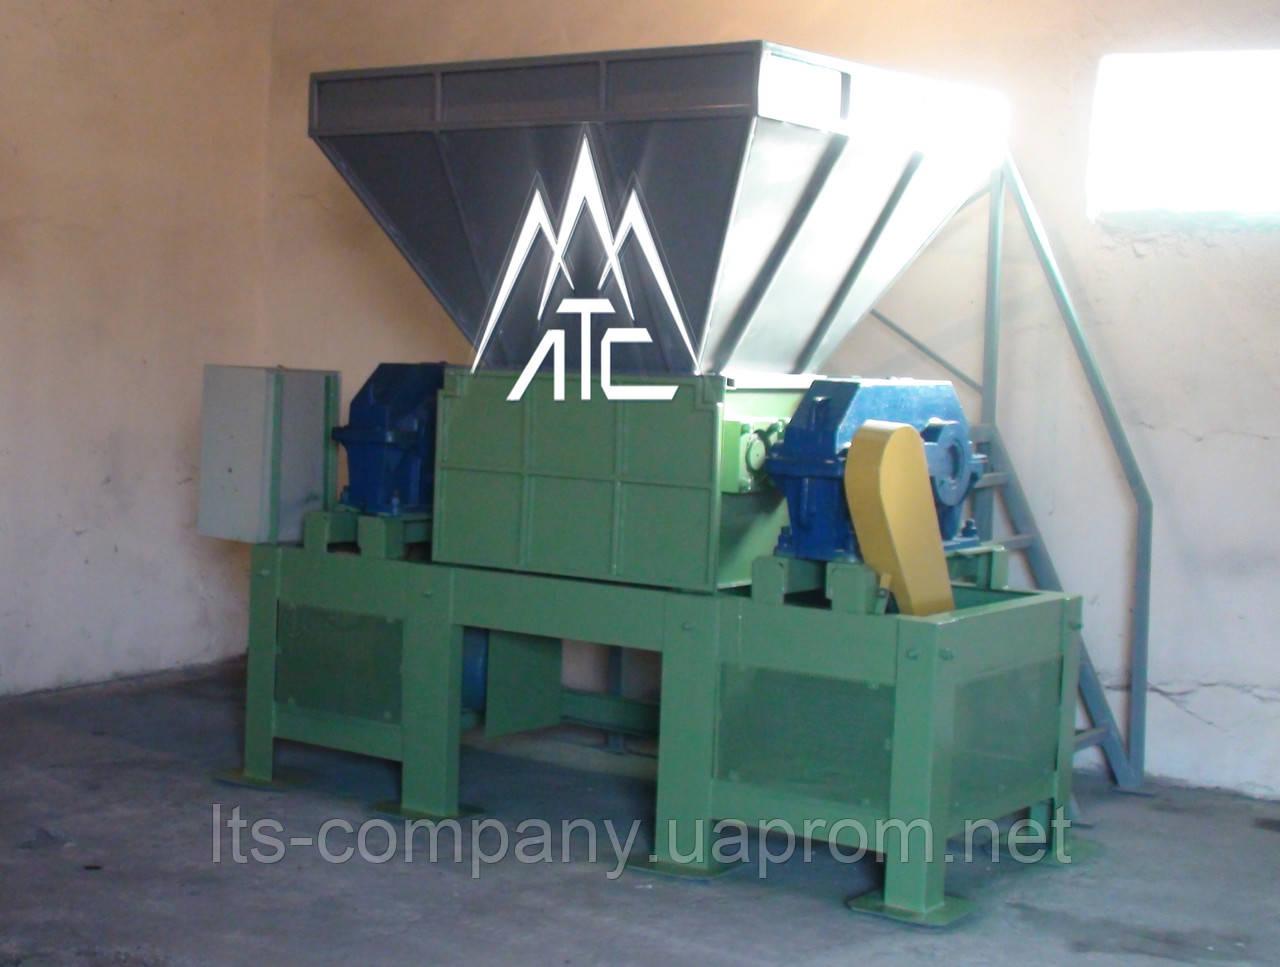 Оборудование для измельчения древесины - ФЛП Фролов в Николаеве